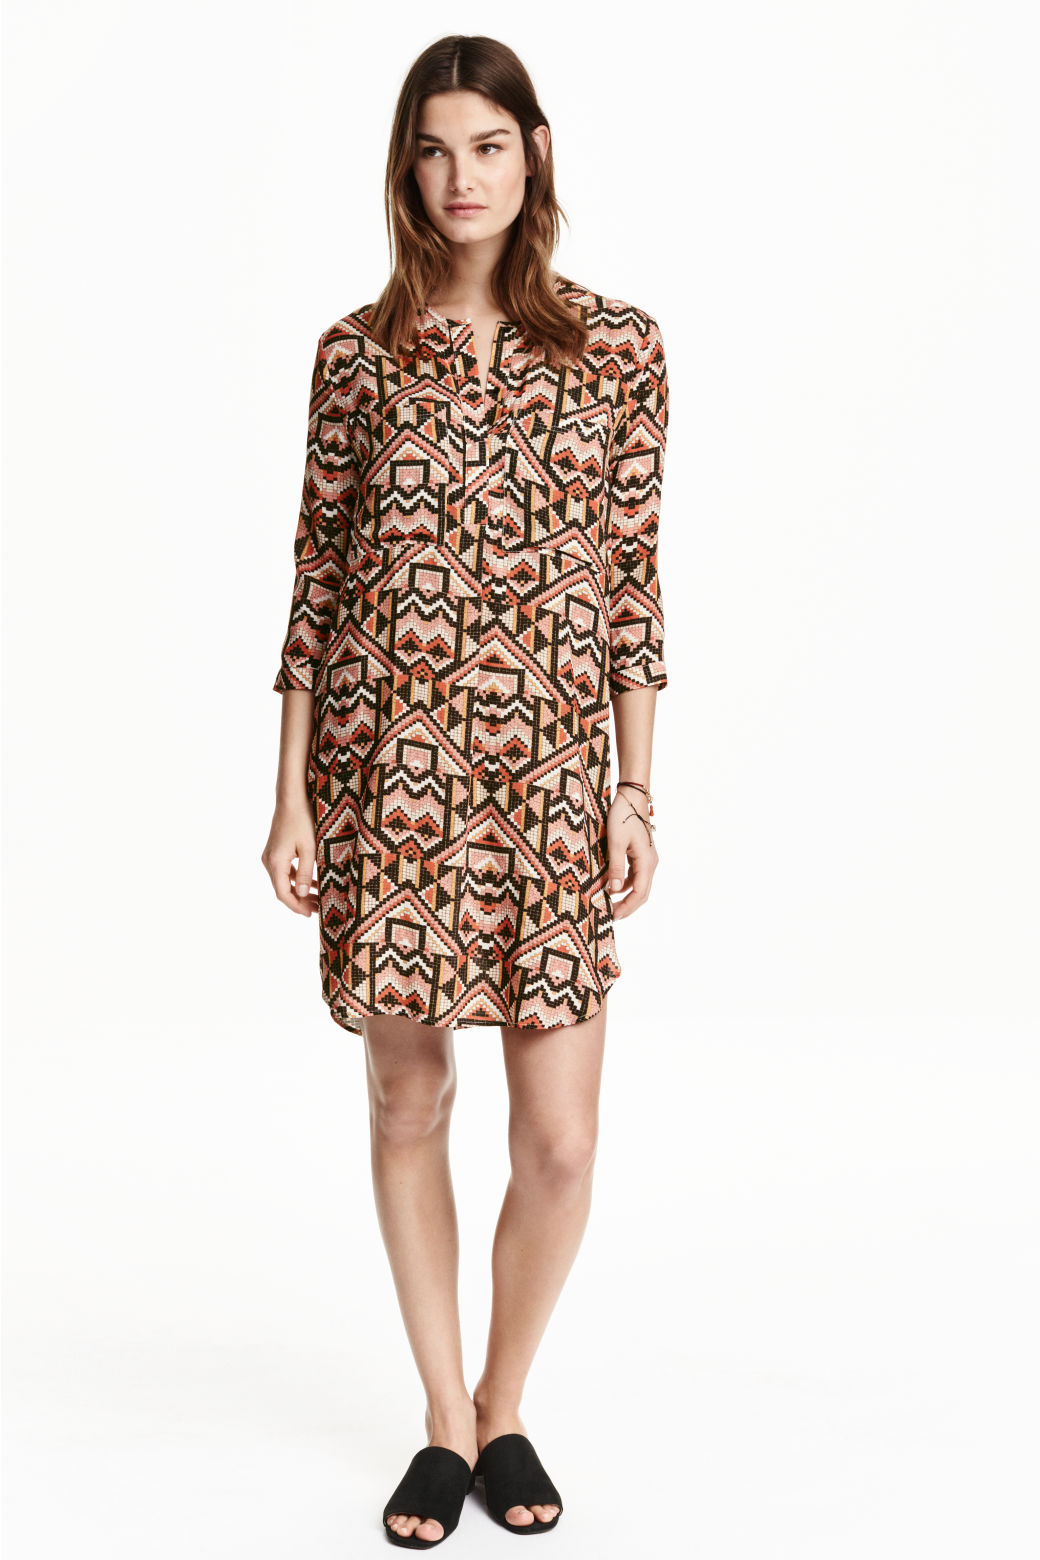 dresses shop s dresses h m